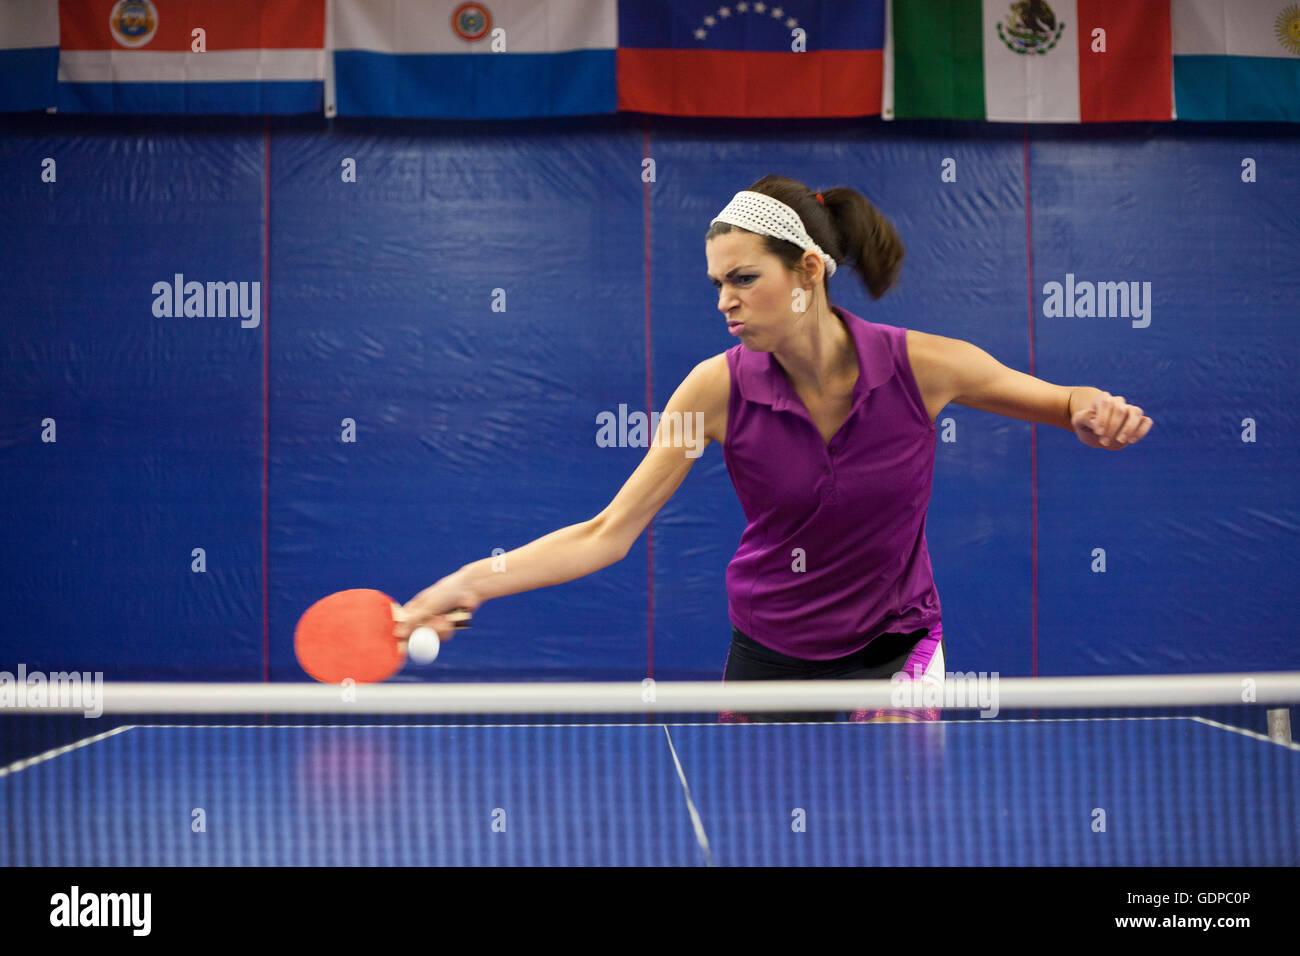 Formación de jugador de tenis de mesa Imagen De Stock